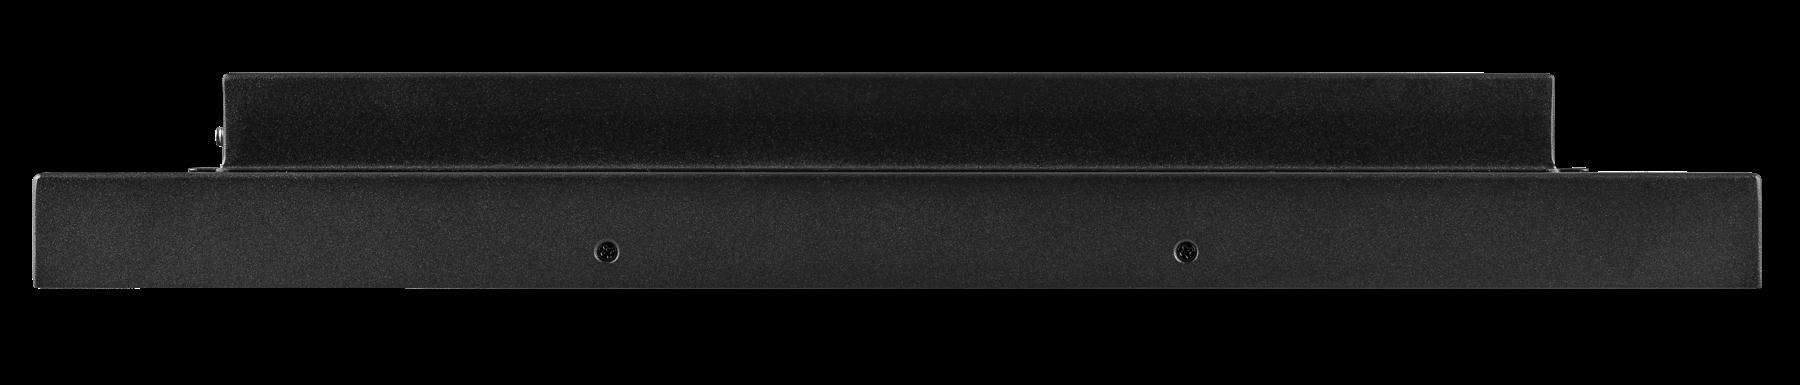 88321975 232 APPC 32 X side left s1800x